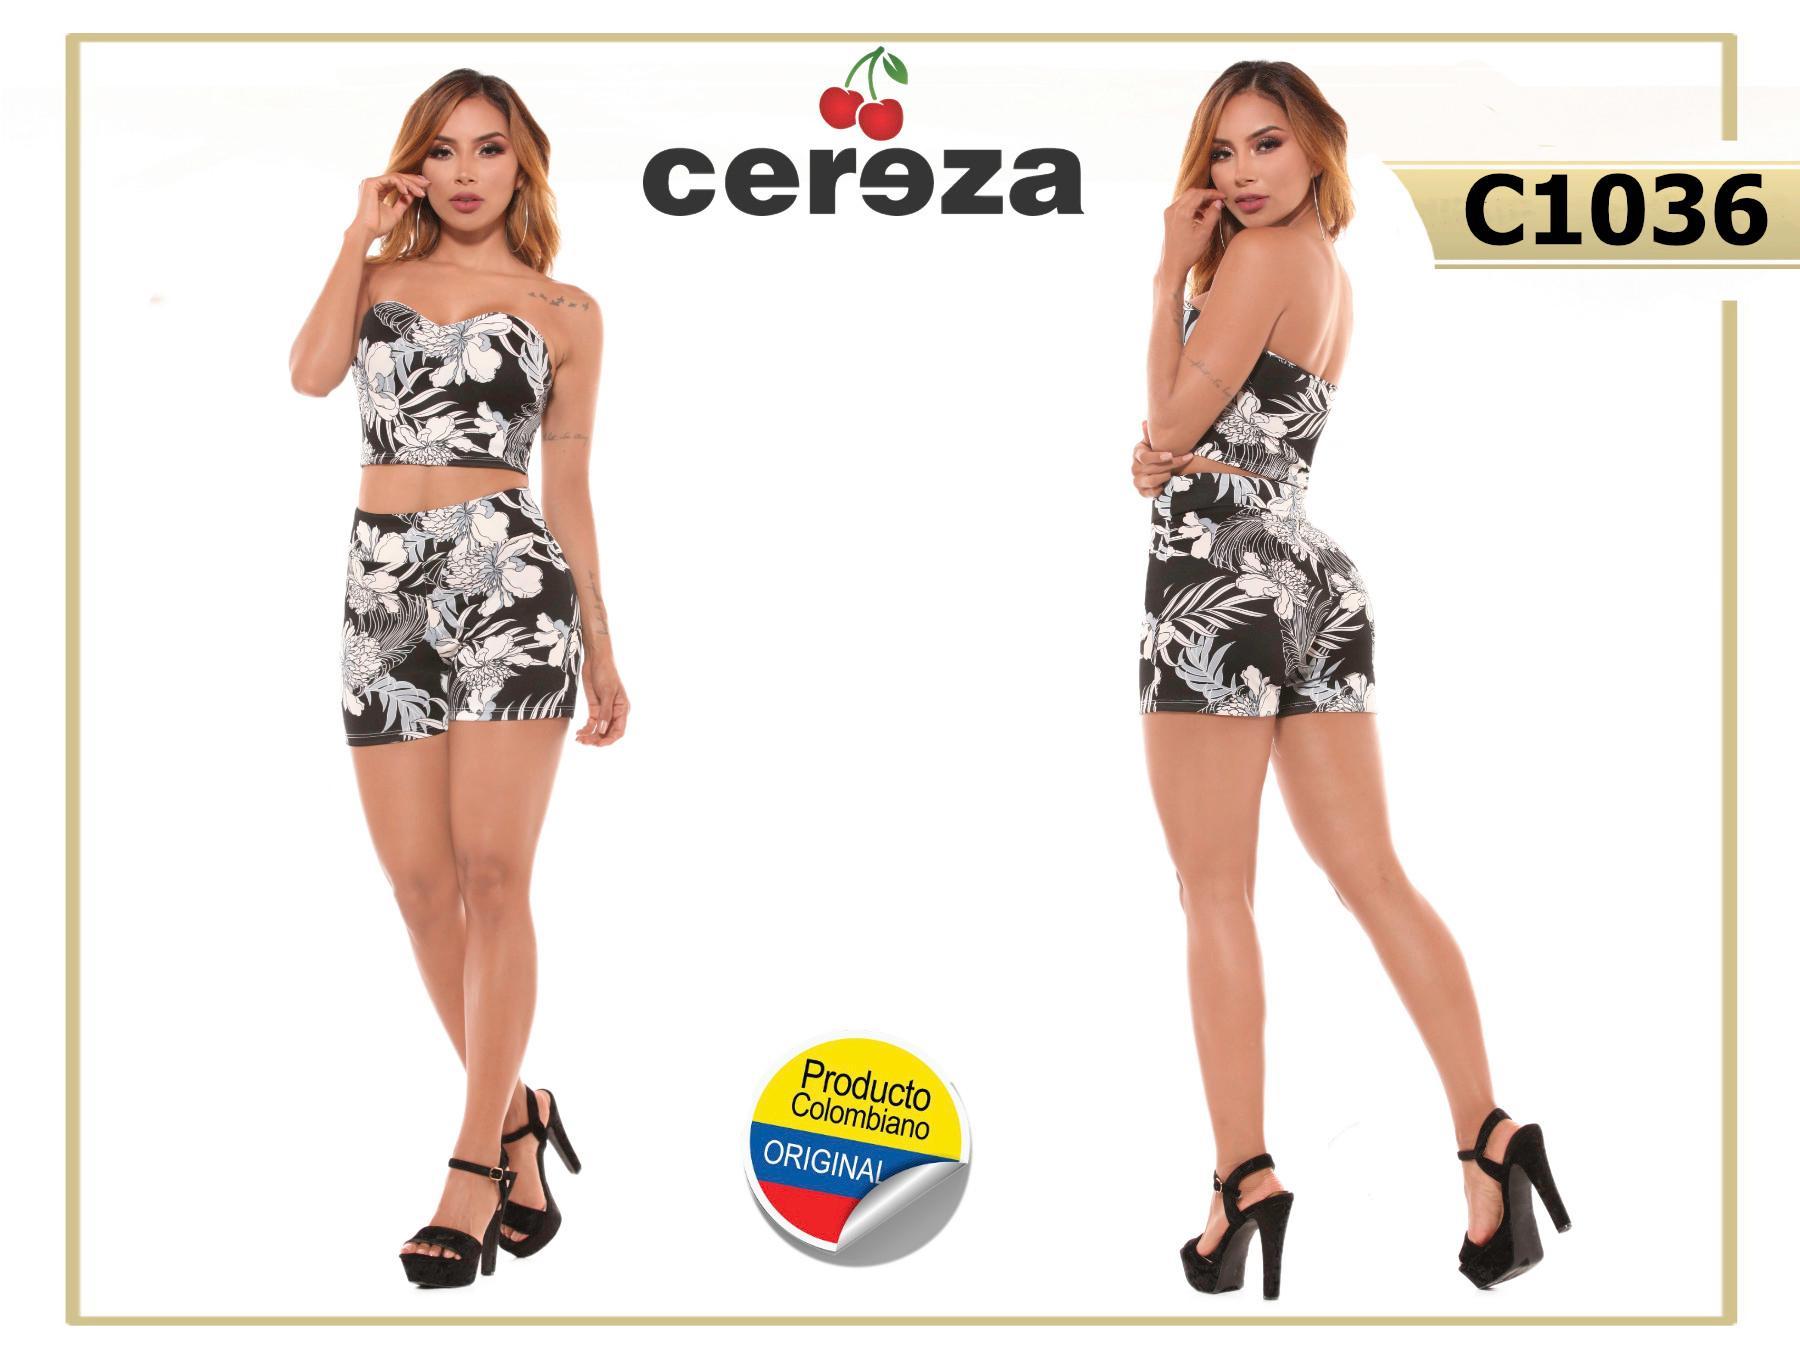 Fantástico Conjunto Colombiano para Dama, con Blusa Sin Mangas y Hombros descubiertos y Pantalon Corto tipo short ideal para el verano